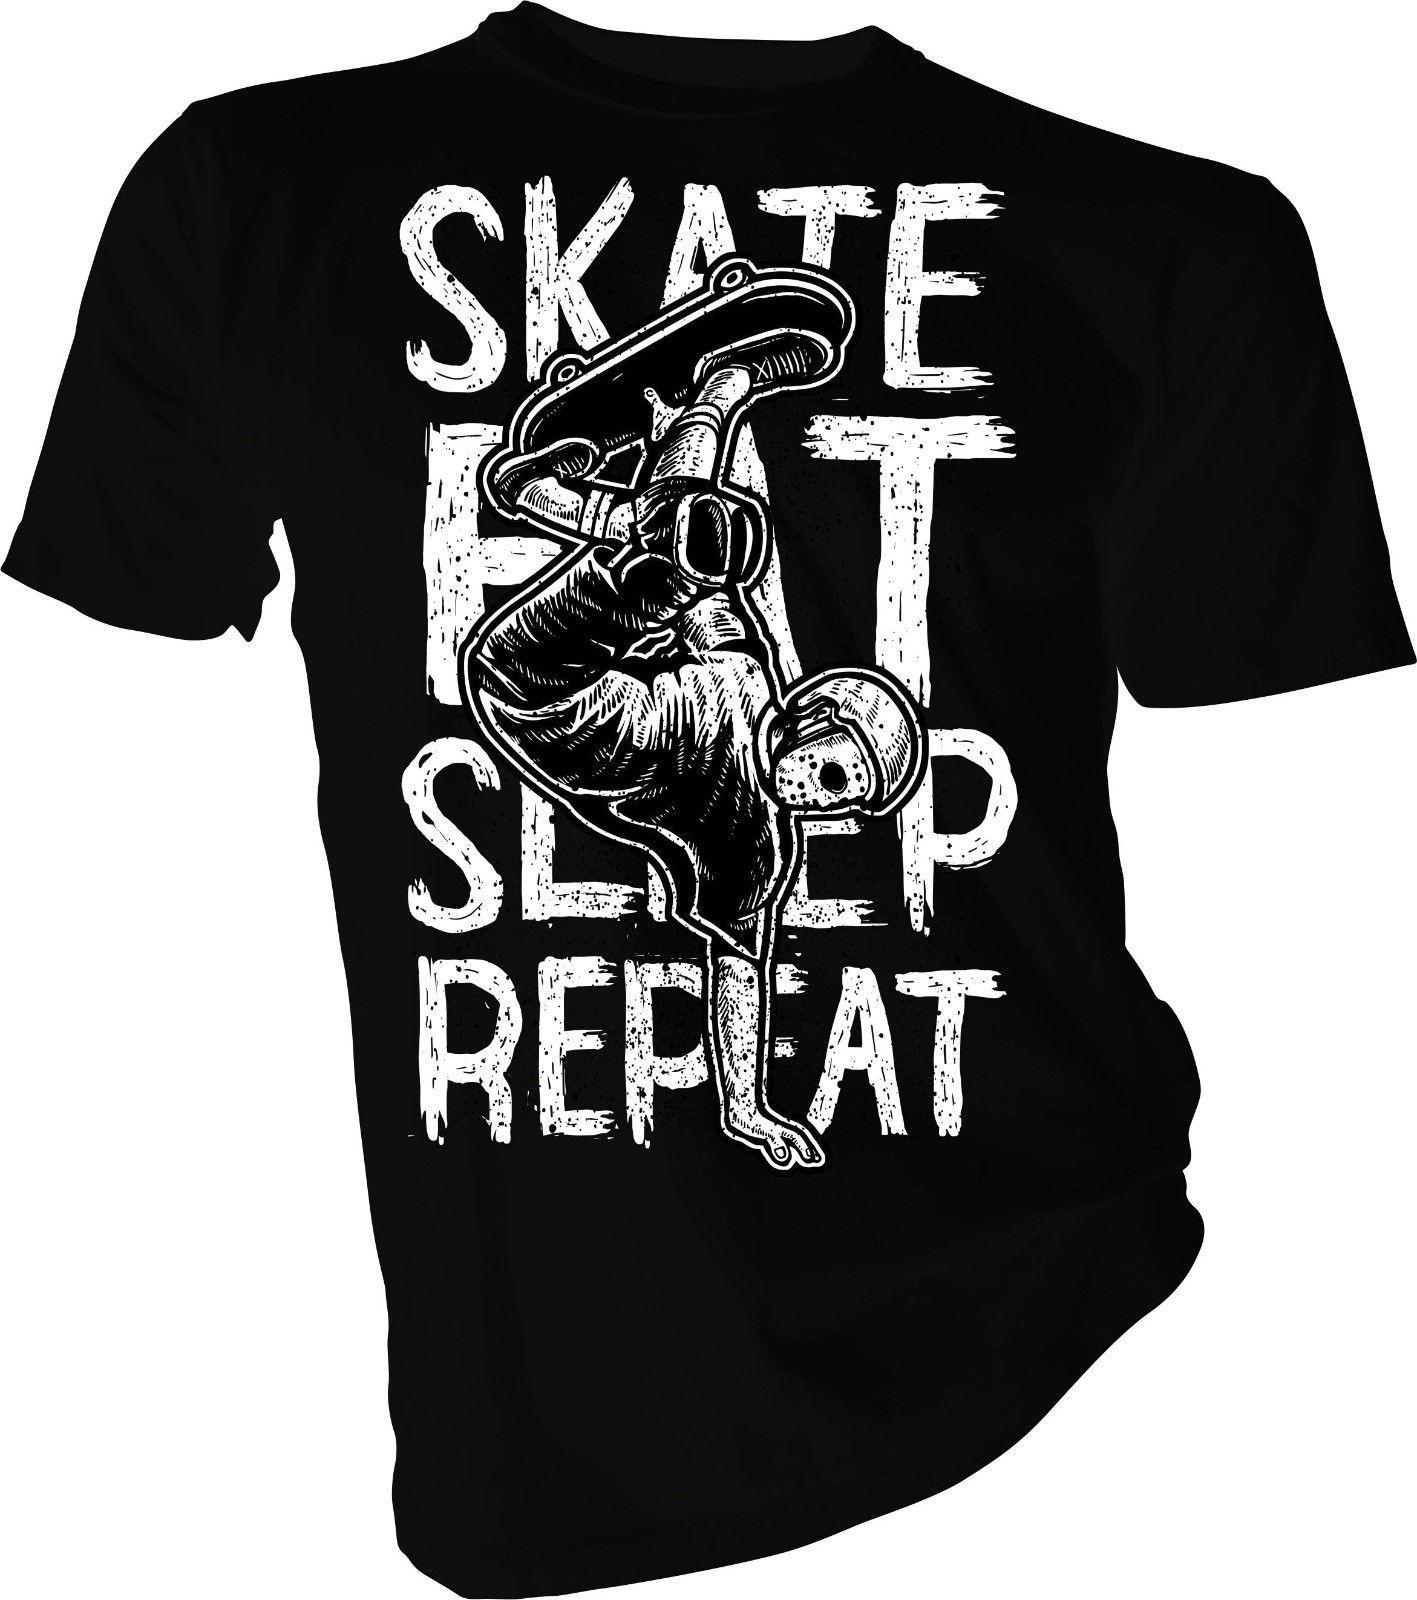 5a1505cf3 Cheap Shirt Brands Usa Best Soccer Shirts New York